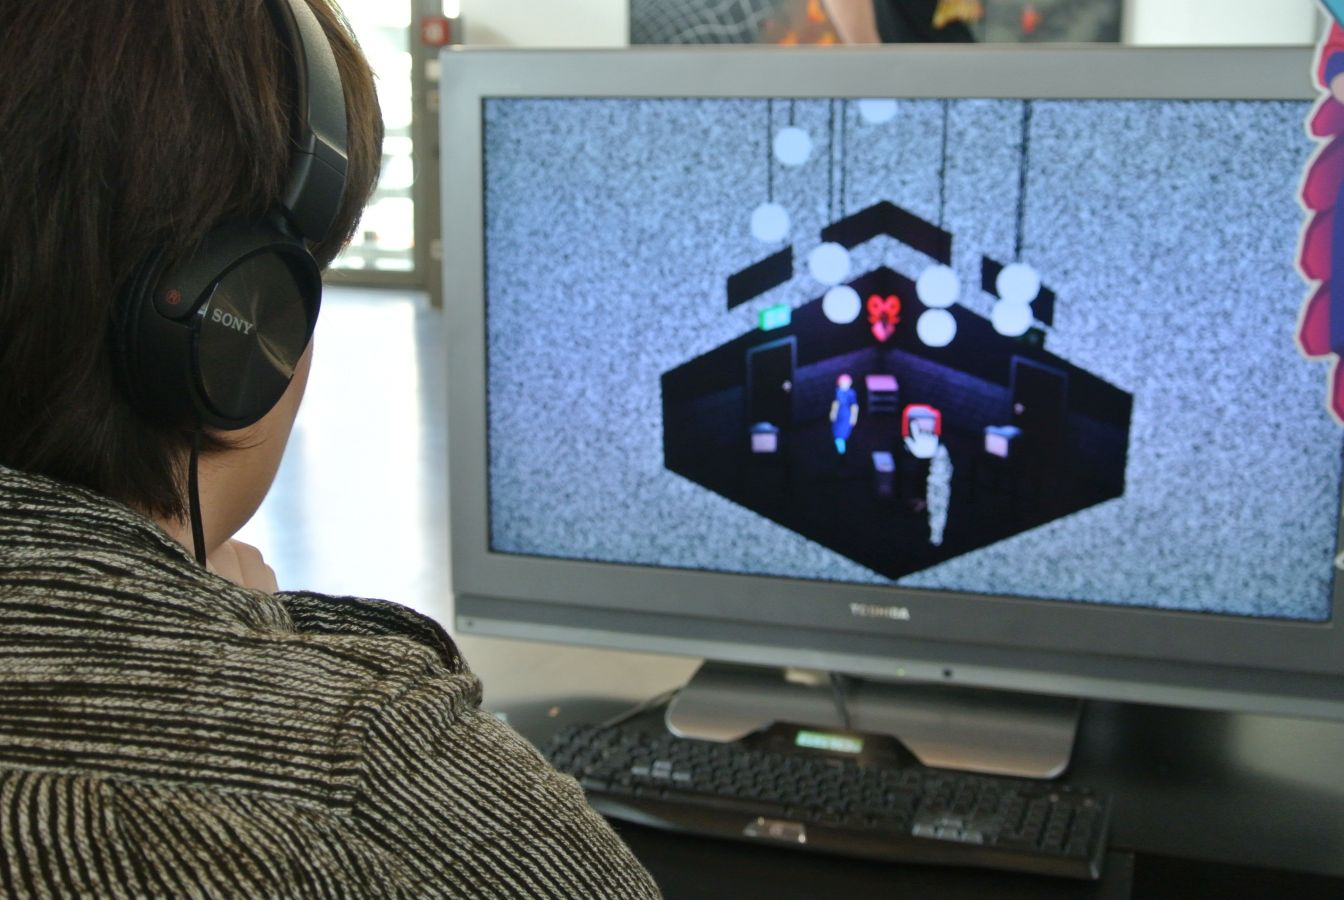 Heute eröffnet die neue interaktive Ausstellung State Of The Art Games im Künstlerhaus des KunstKulturQuartiers in Nürnberg.